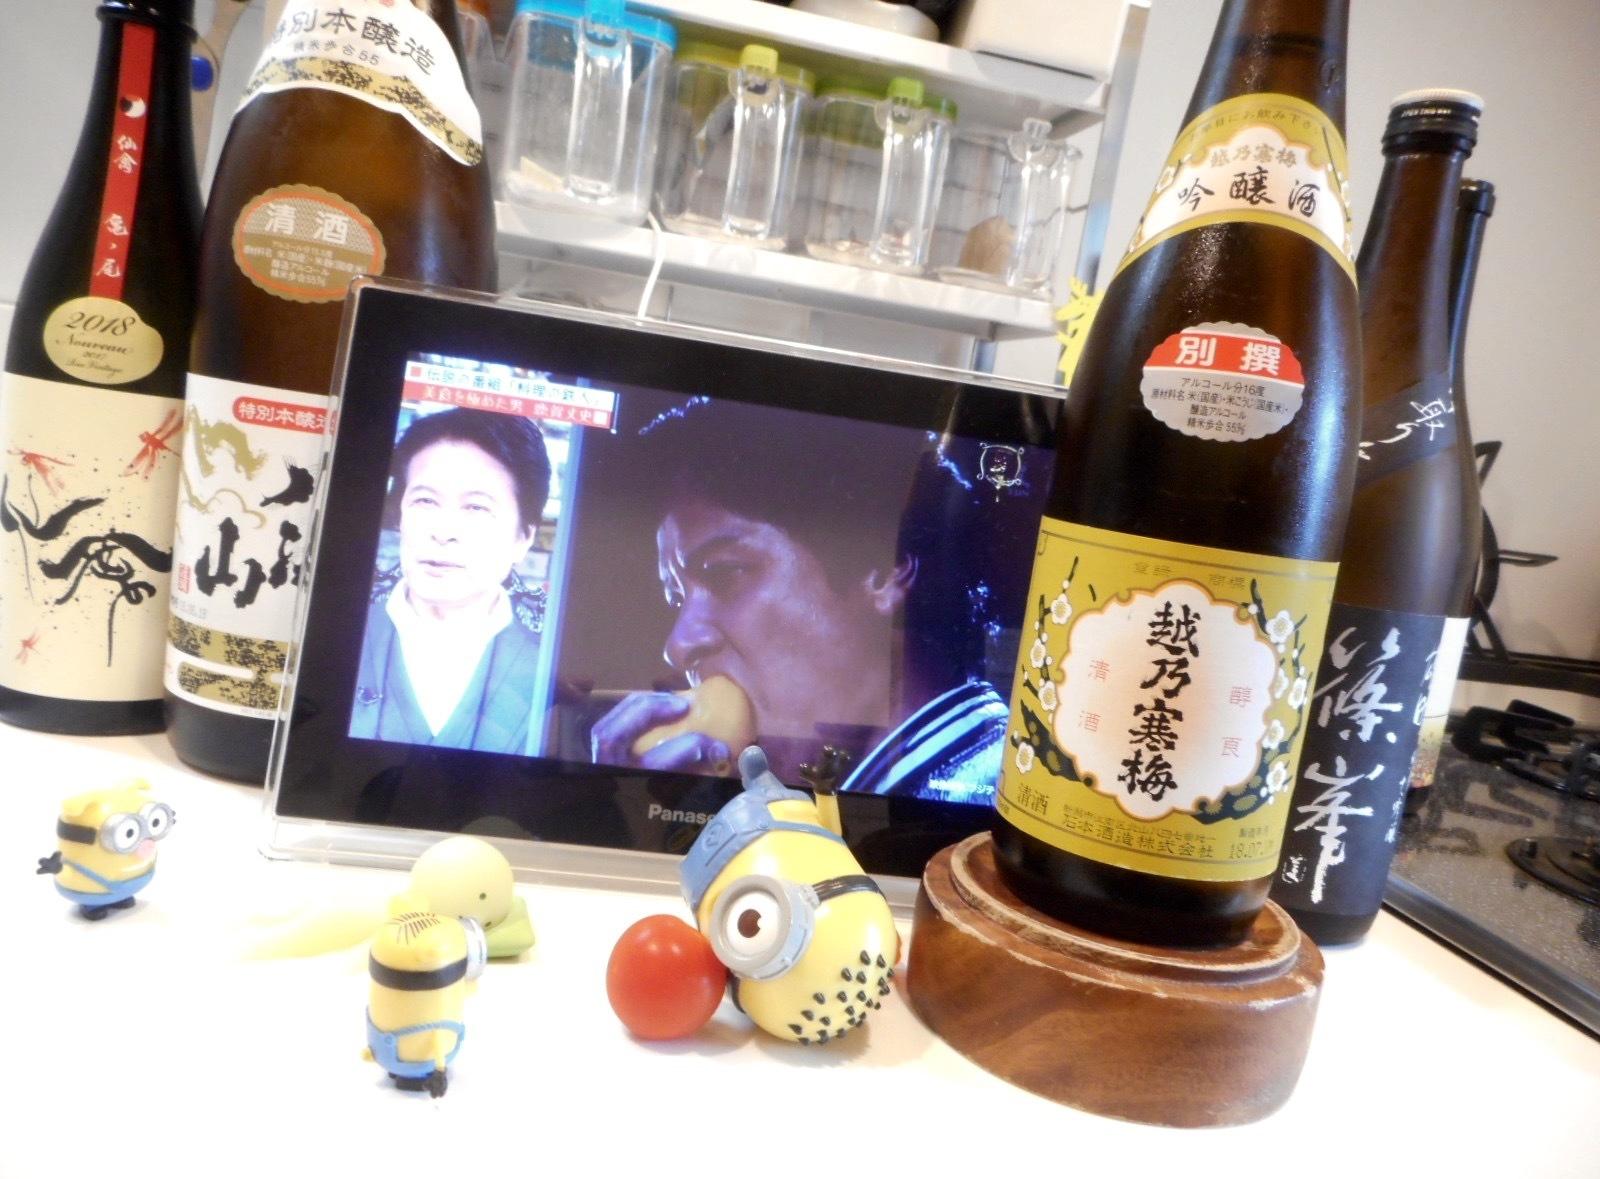 koshinokanbai_ginjo29by1.jpg